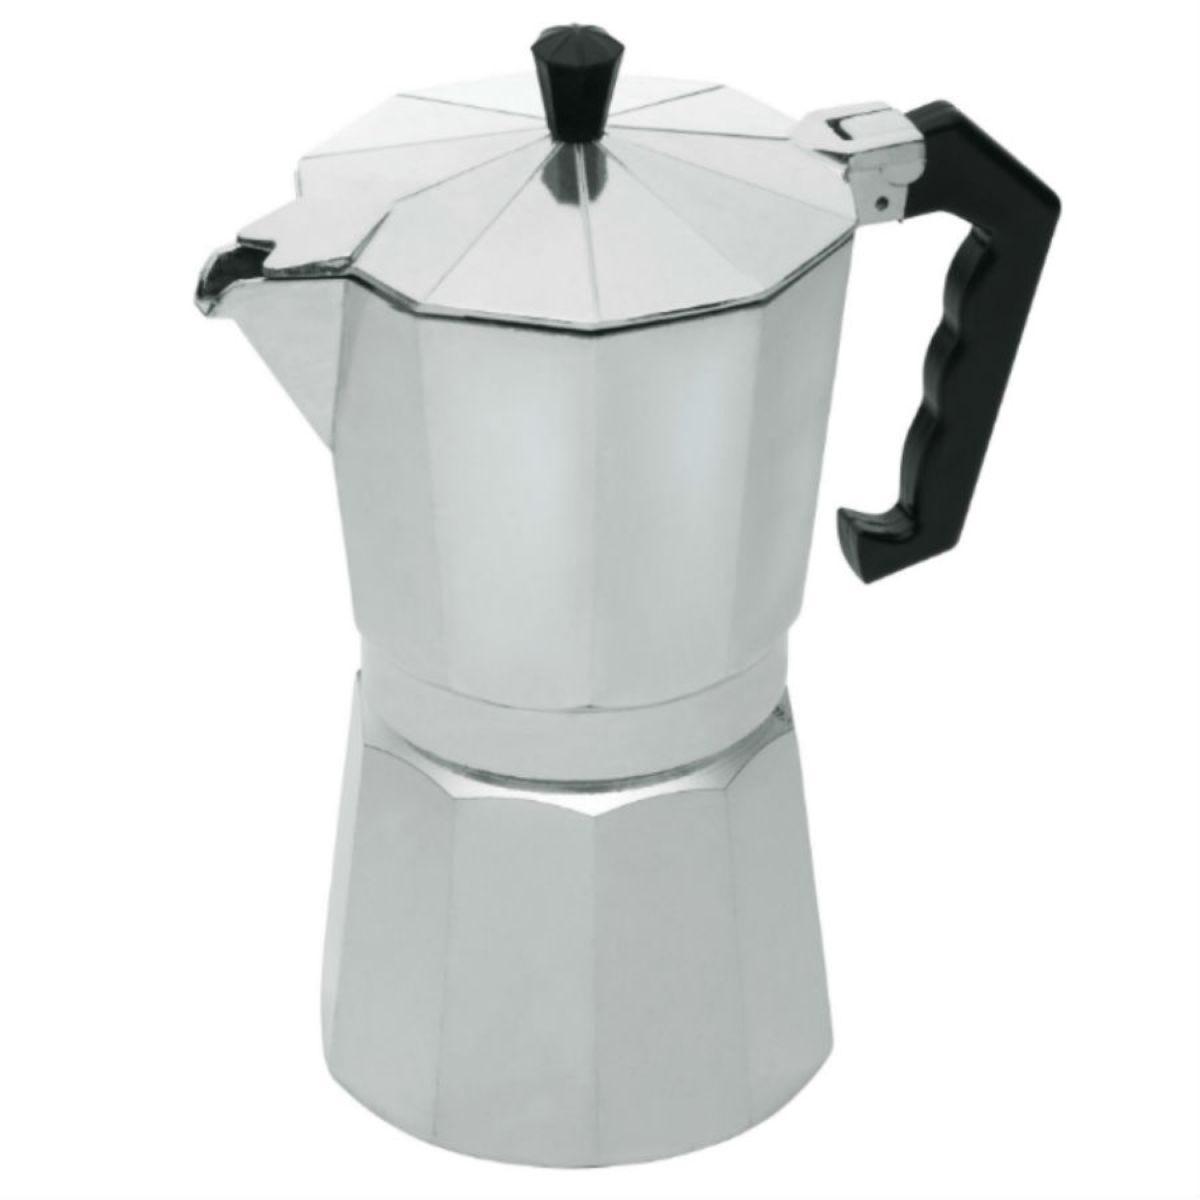 KitchenCraft Espresso Maker